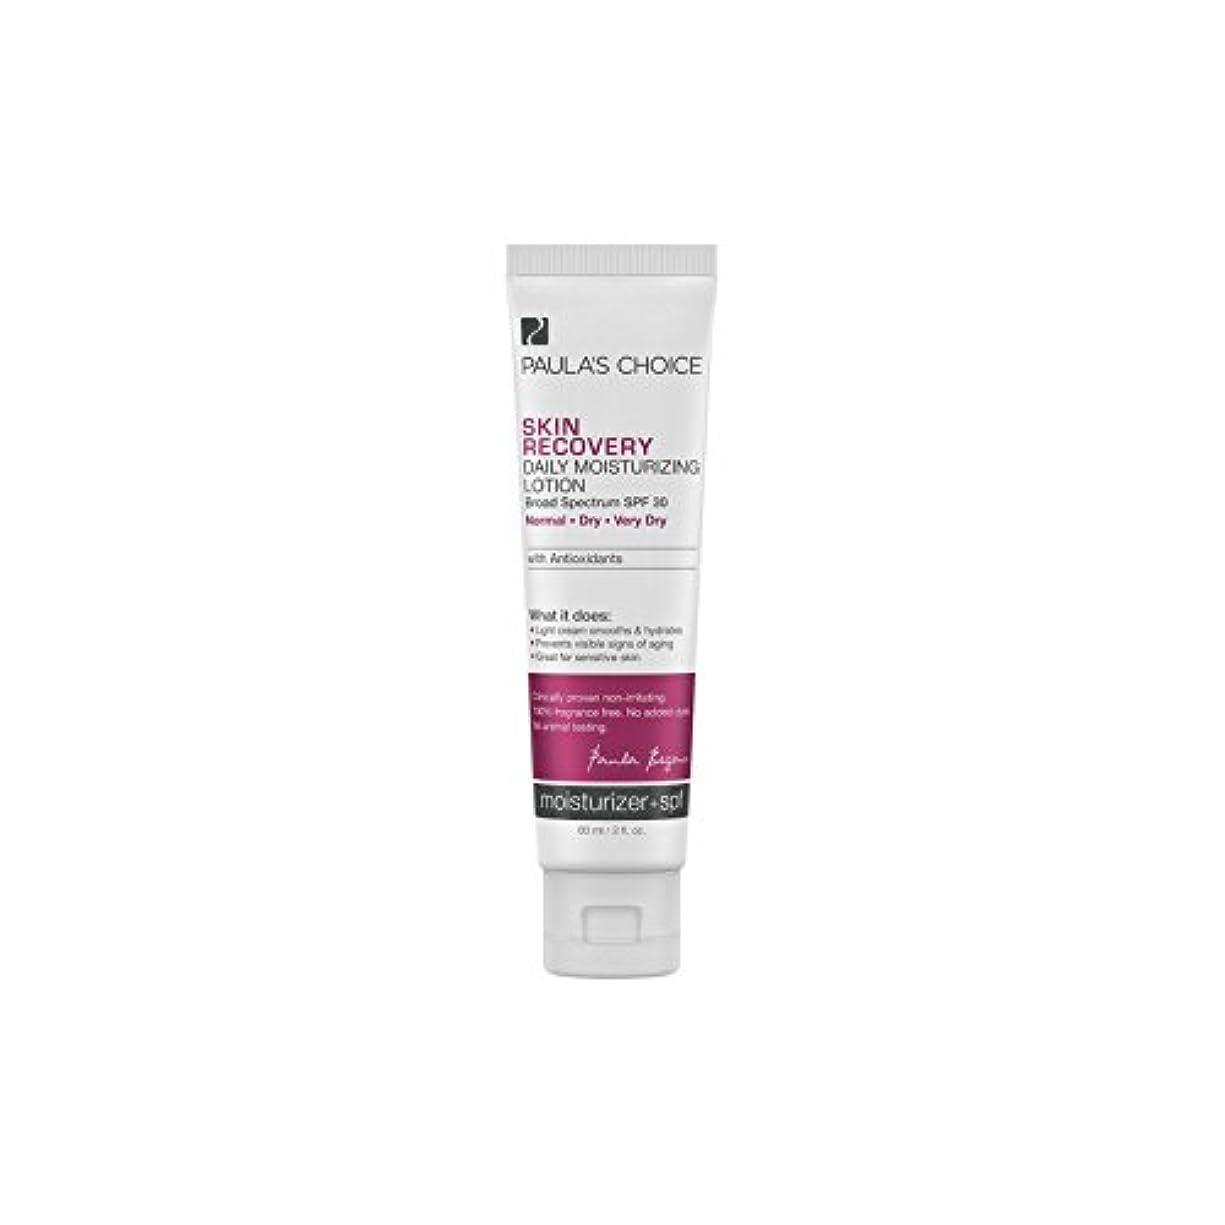 思いやり別に大胆不敵ポーラチョイスの肌の回復毎日の保湿ローション30(60ミリリットル) x4 - Paula's Choice Skin Recovery Daily Moisturizing Lotion Spf30 (60ml) (Pack...